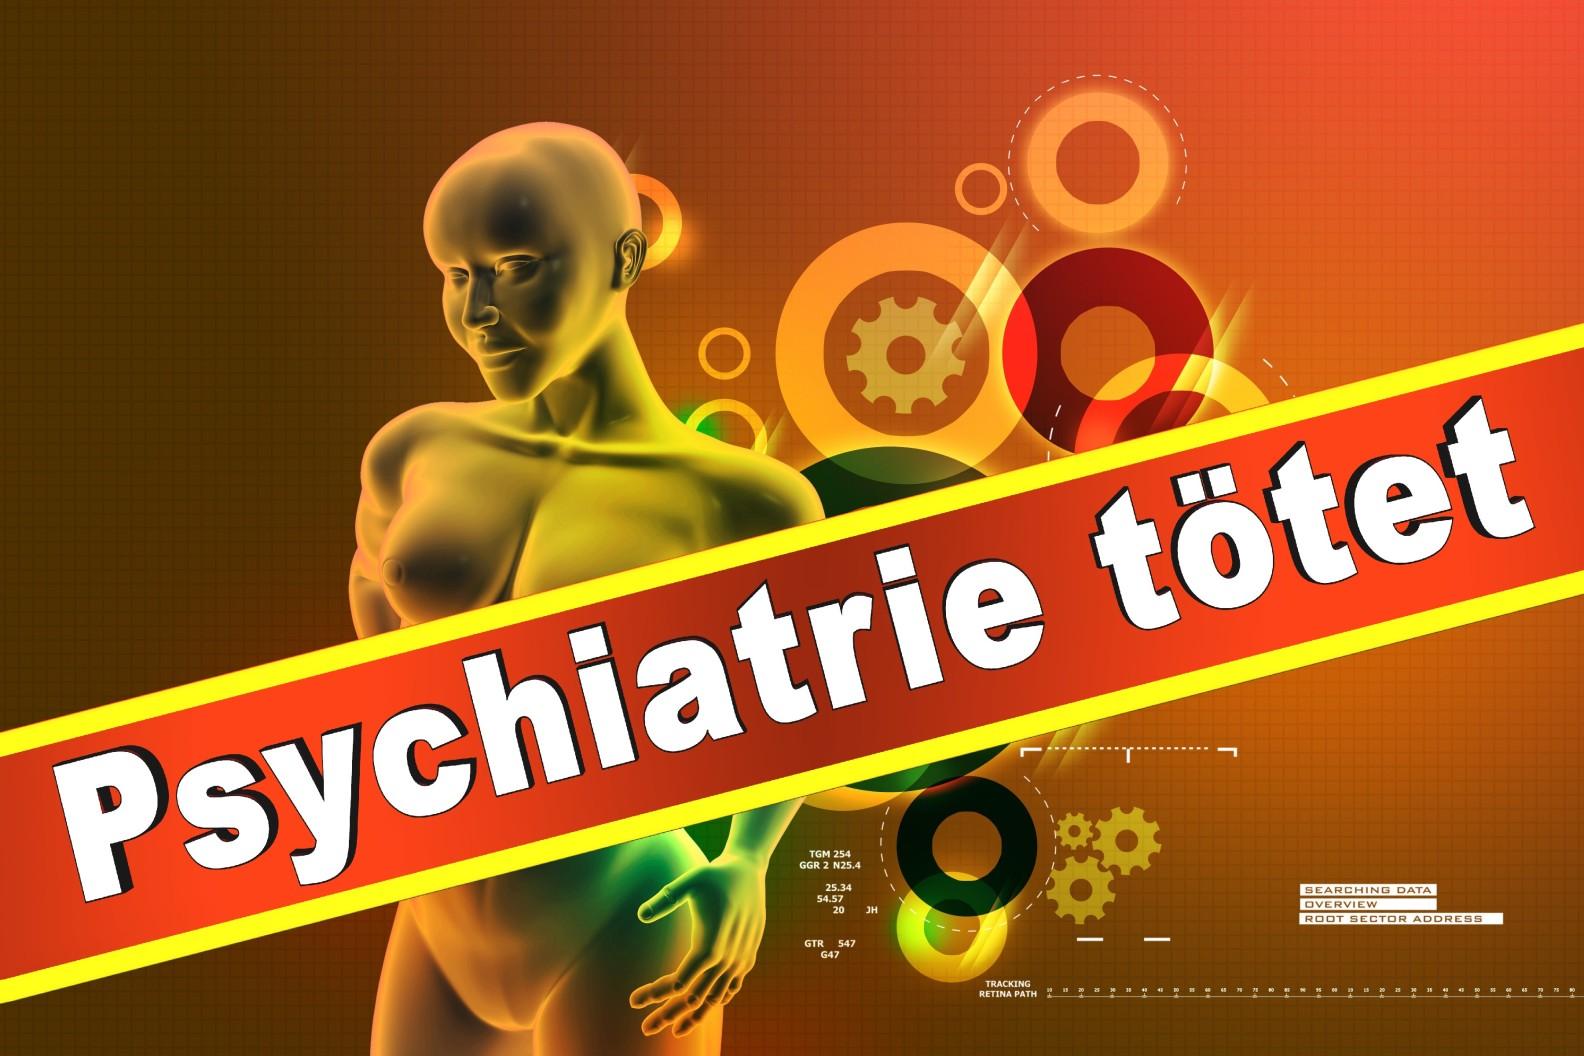 Asklepios Neurologische Klinik Bad Salzhausen Am Hasensprung Nidda Bad Salzhausen